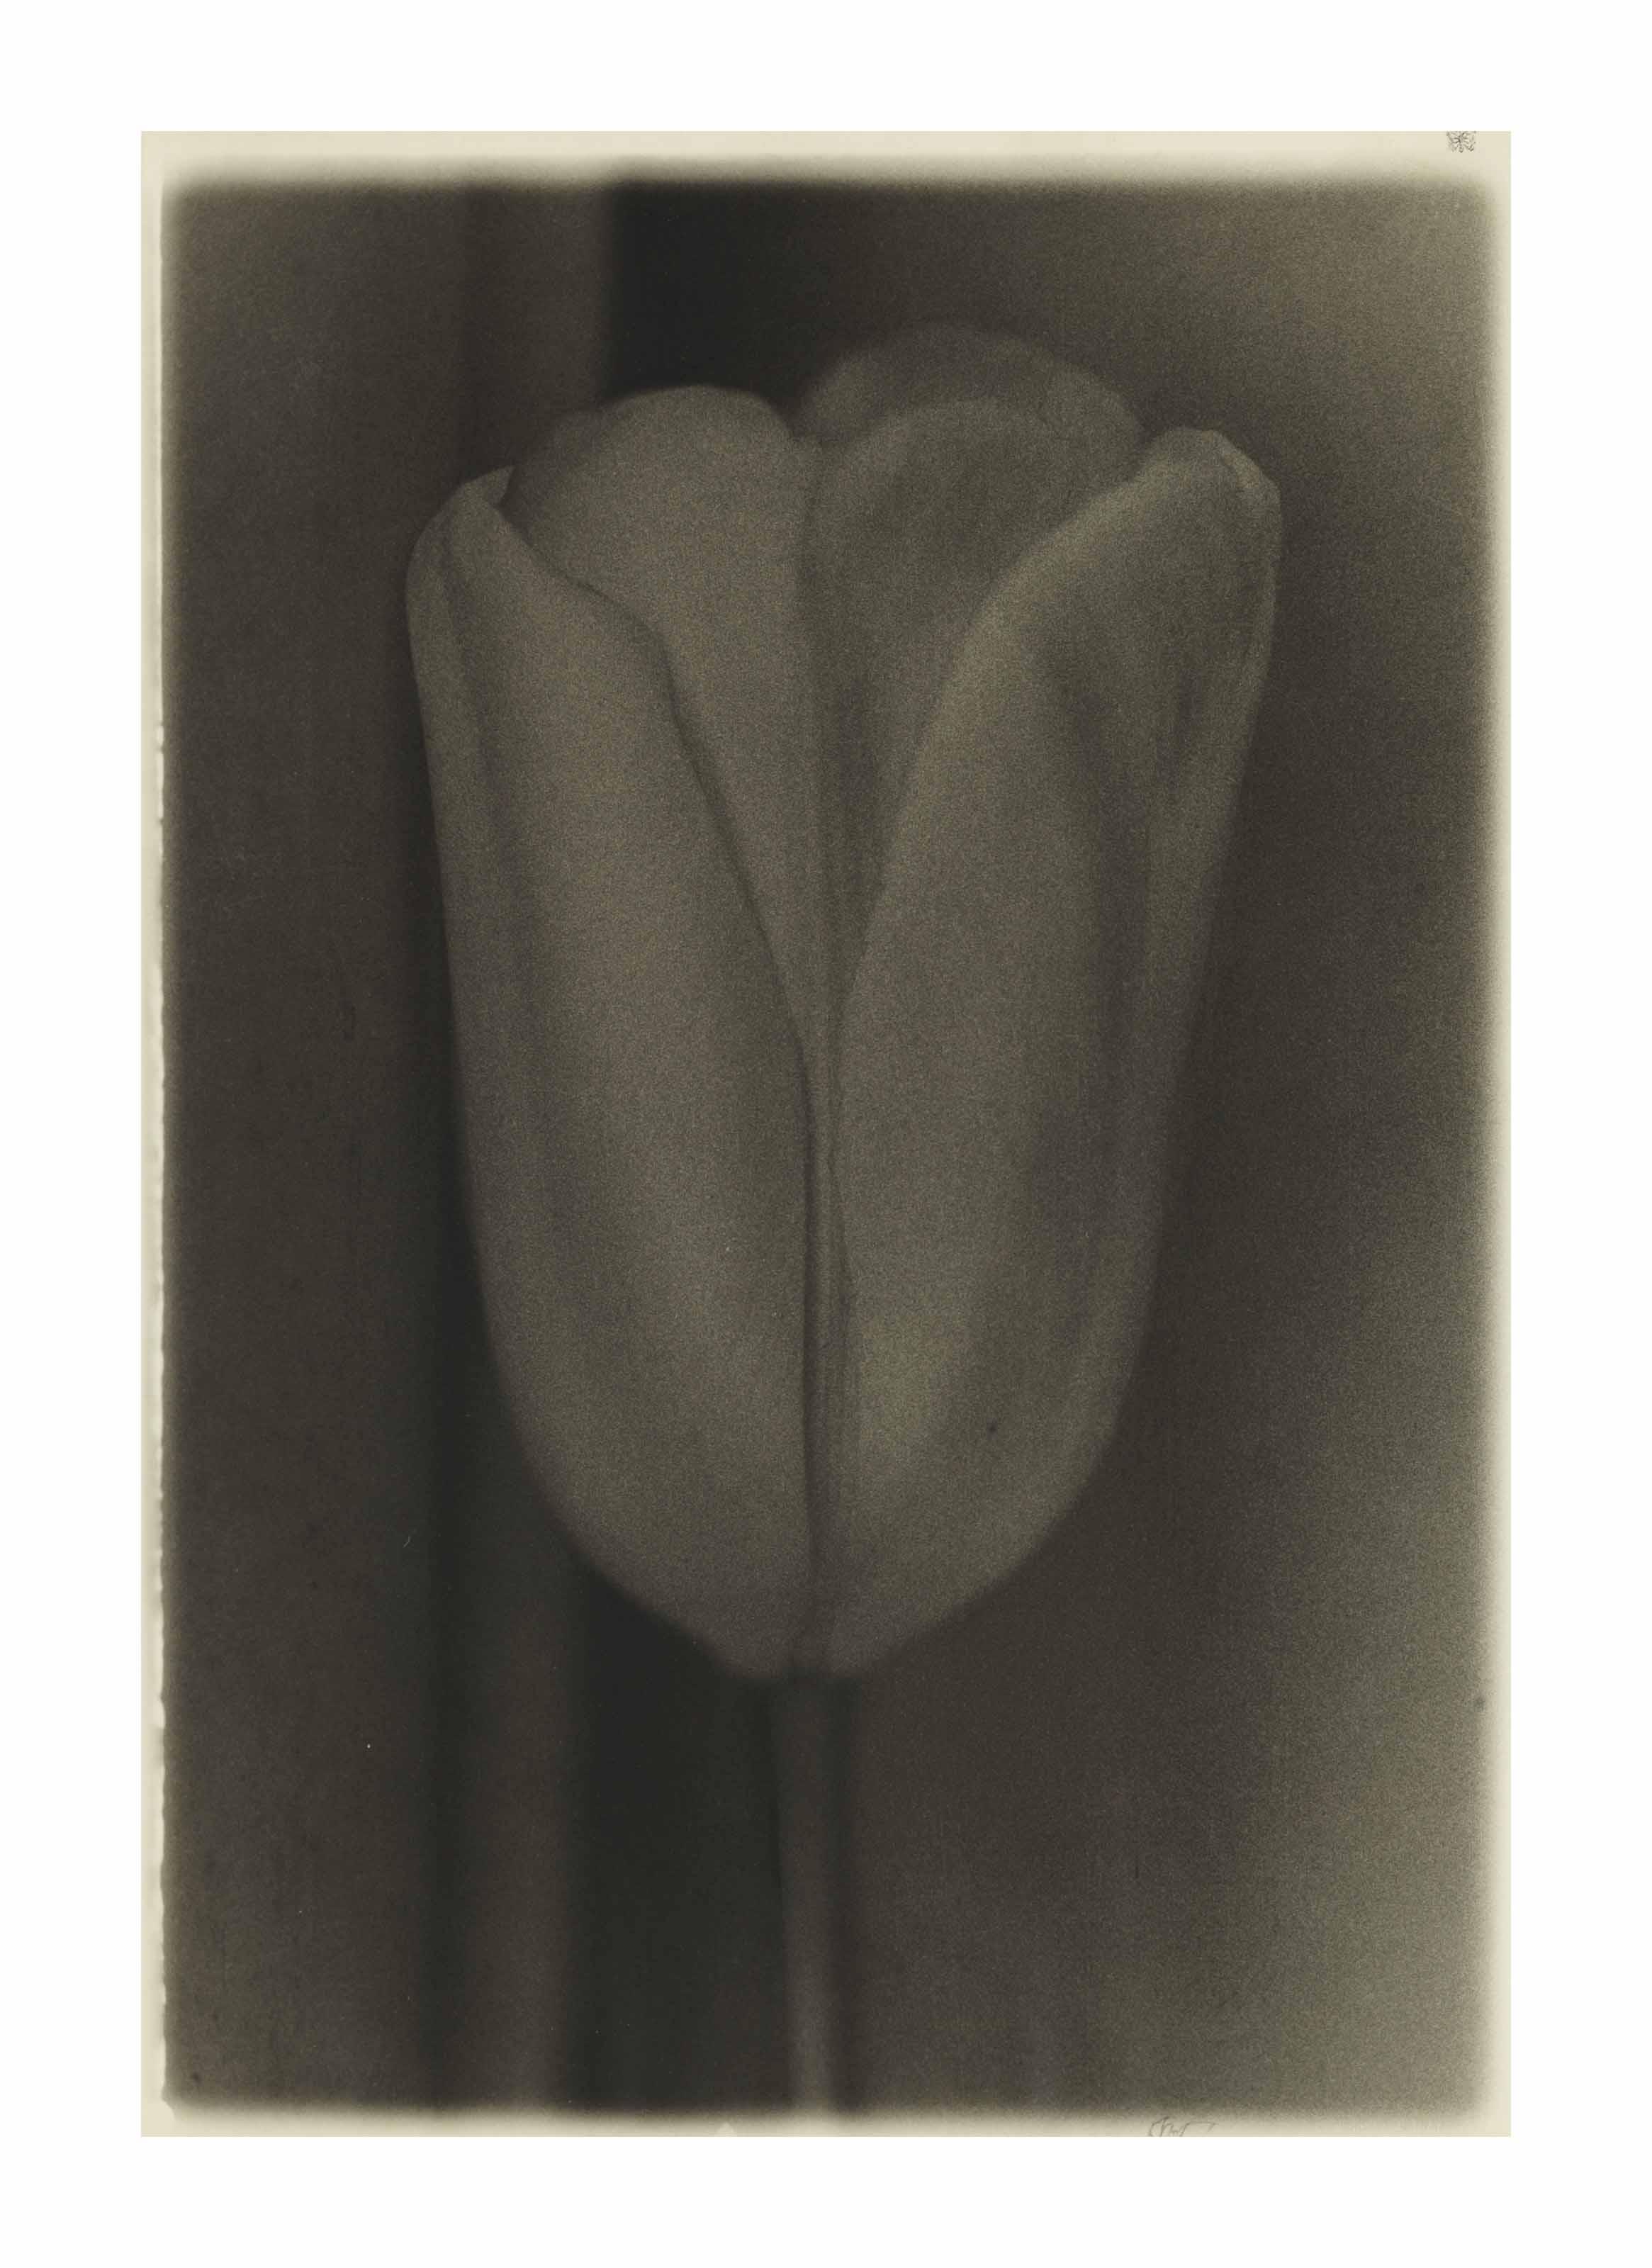 Tulip, 1978